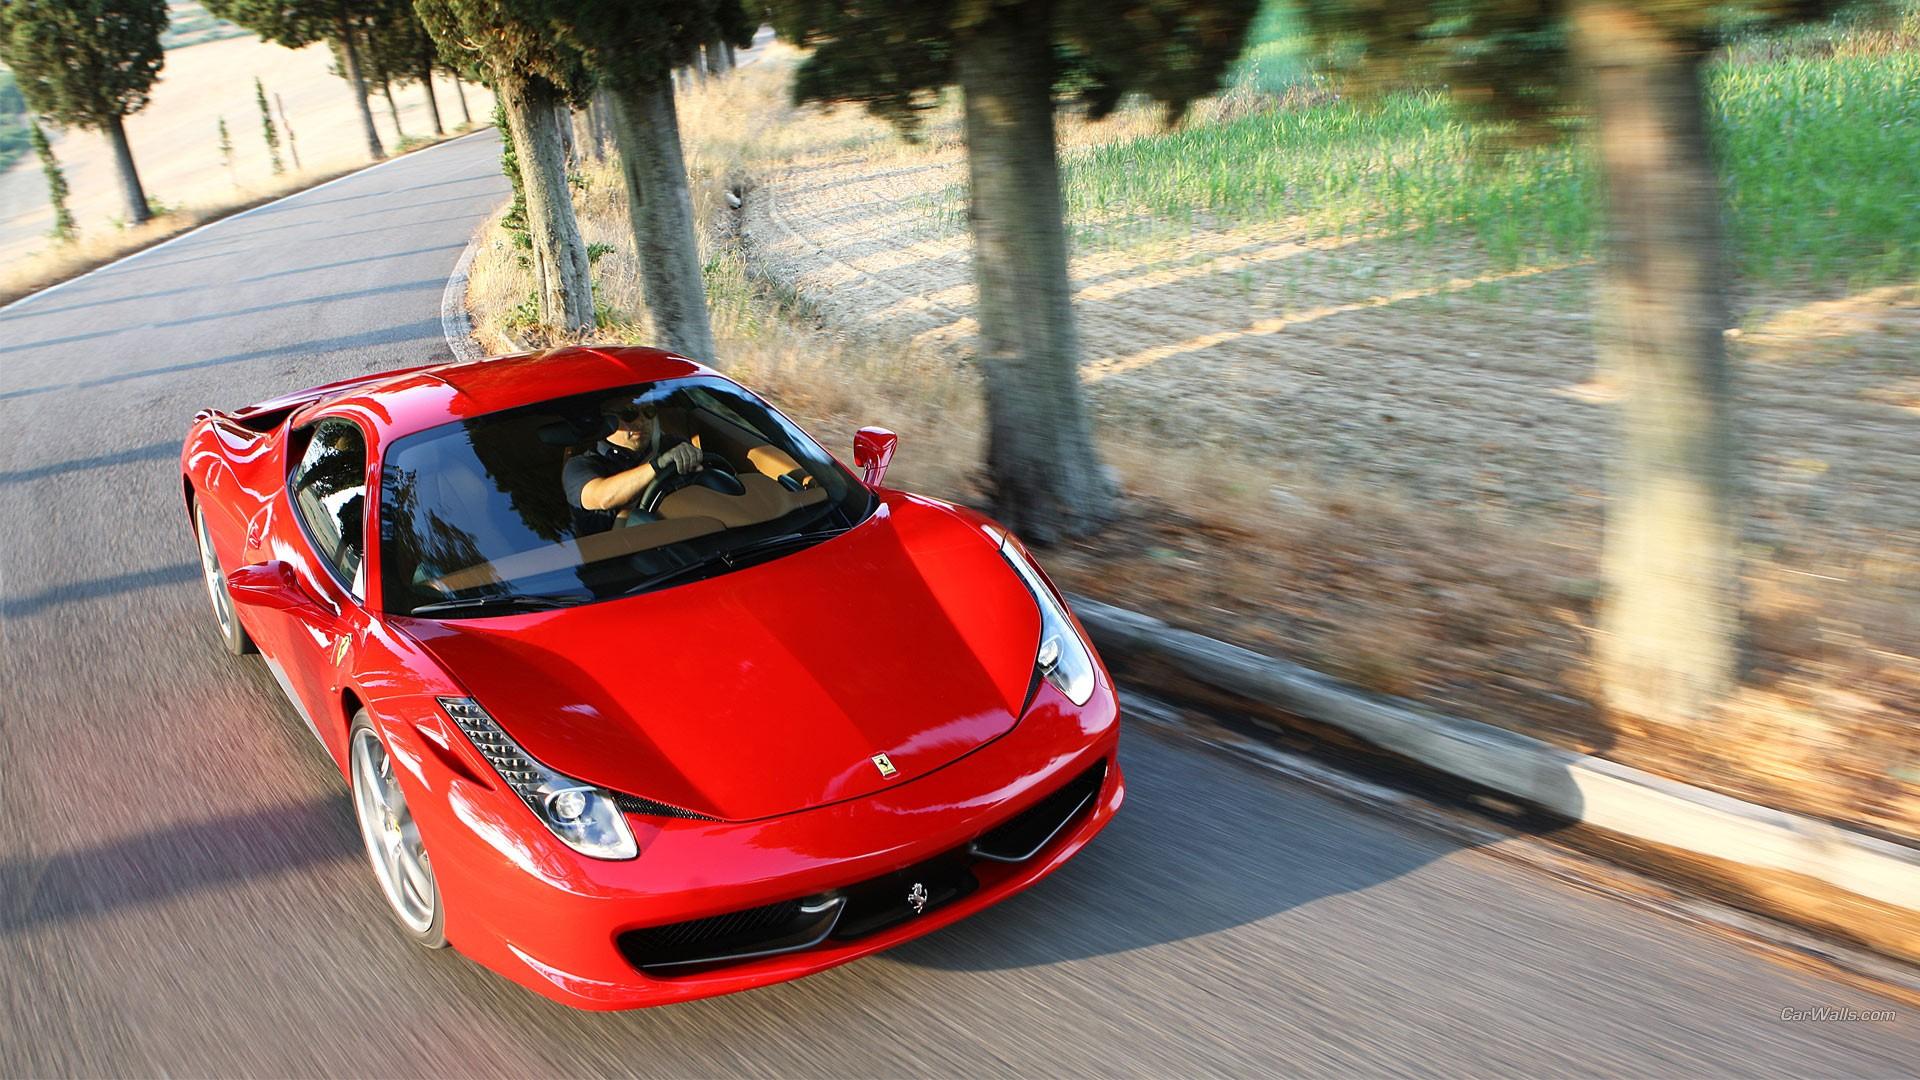 Итальянские машины в картинках